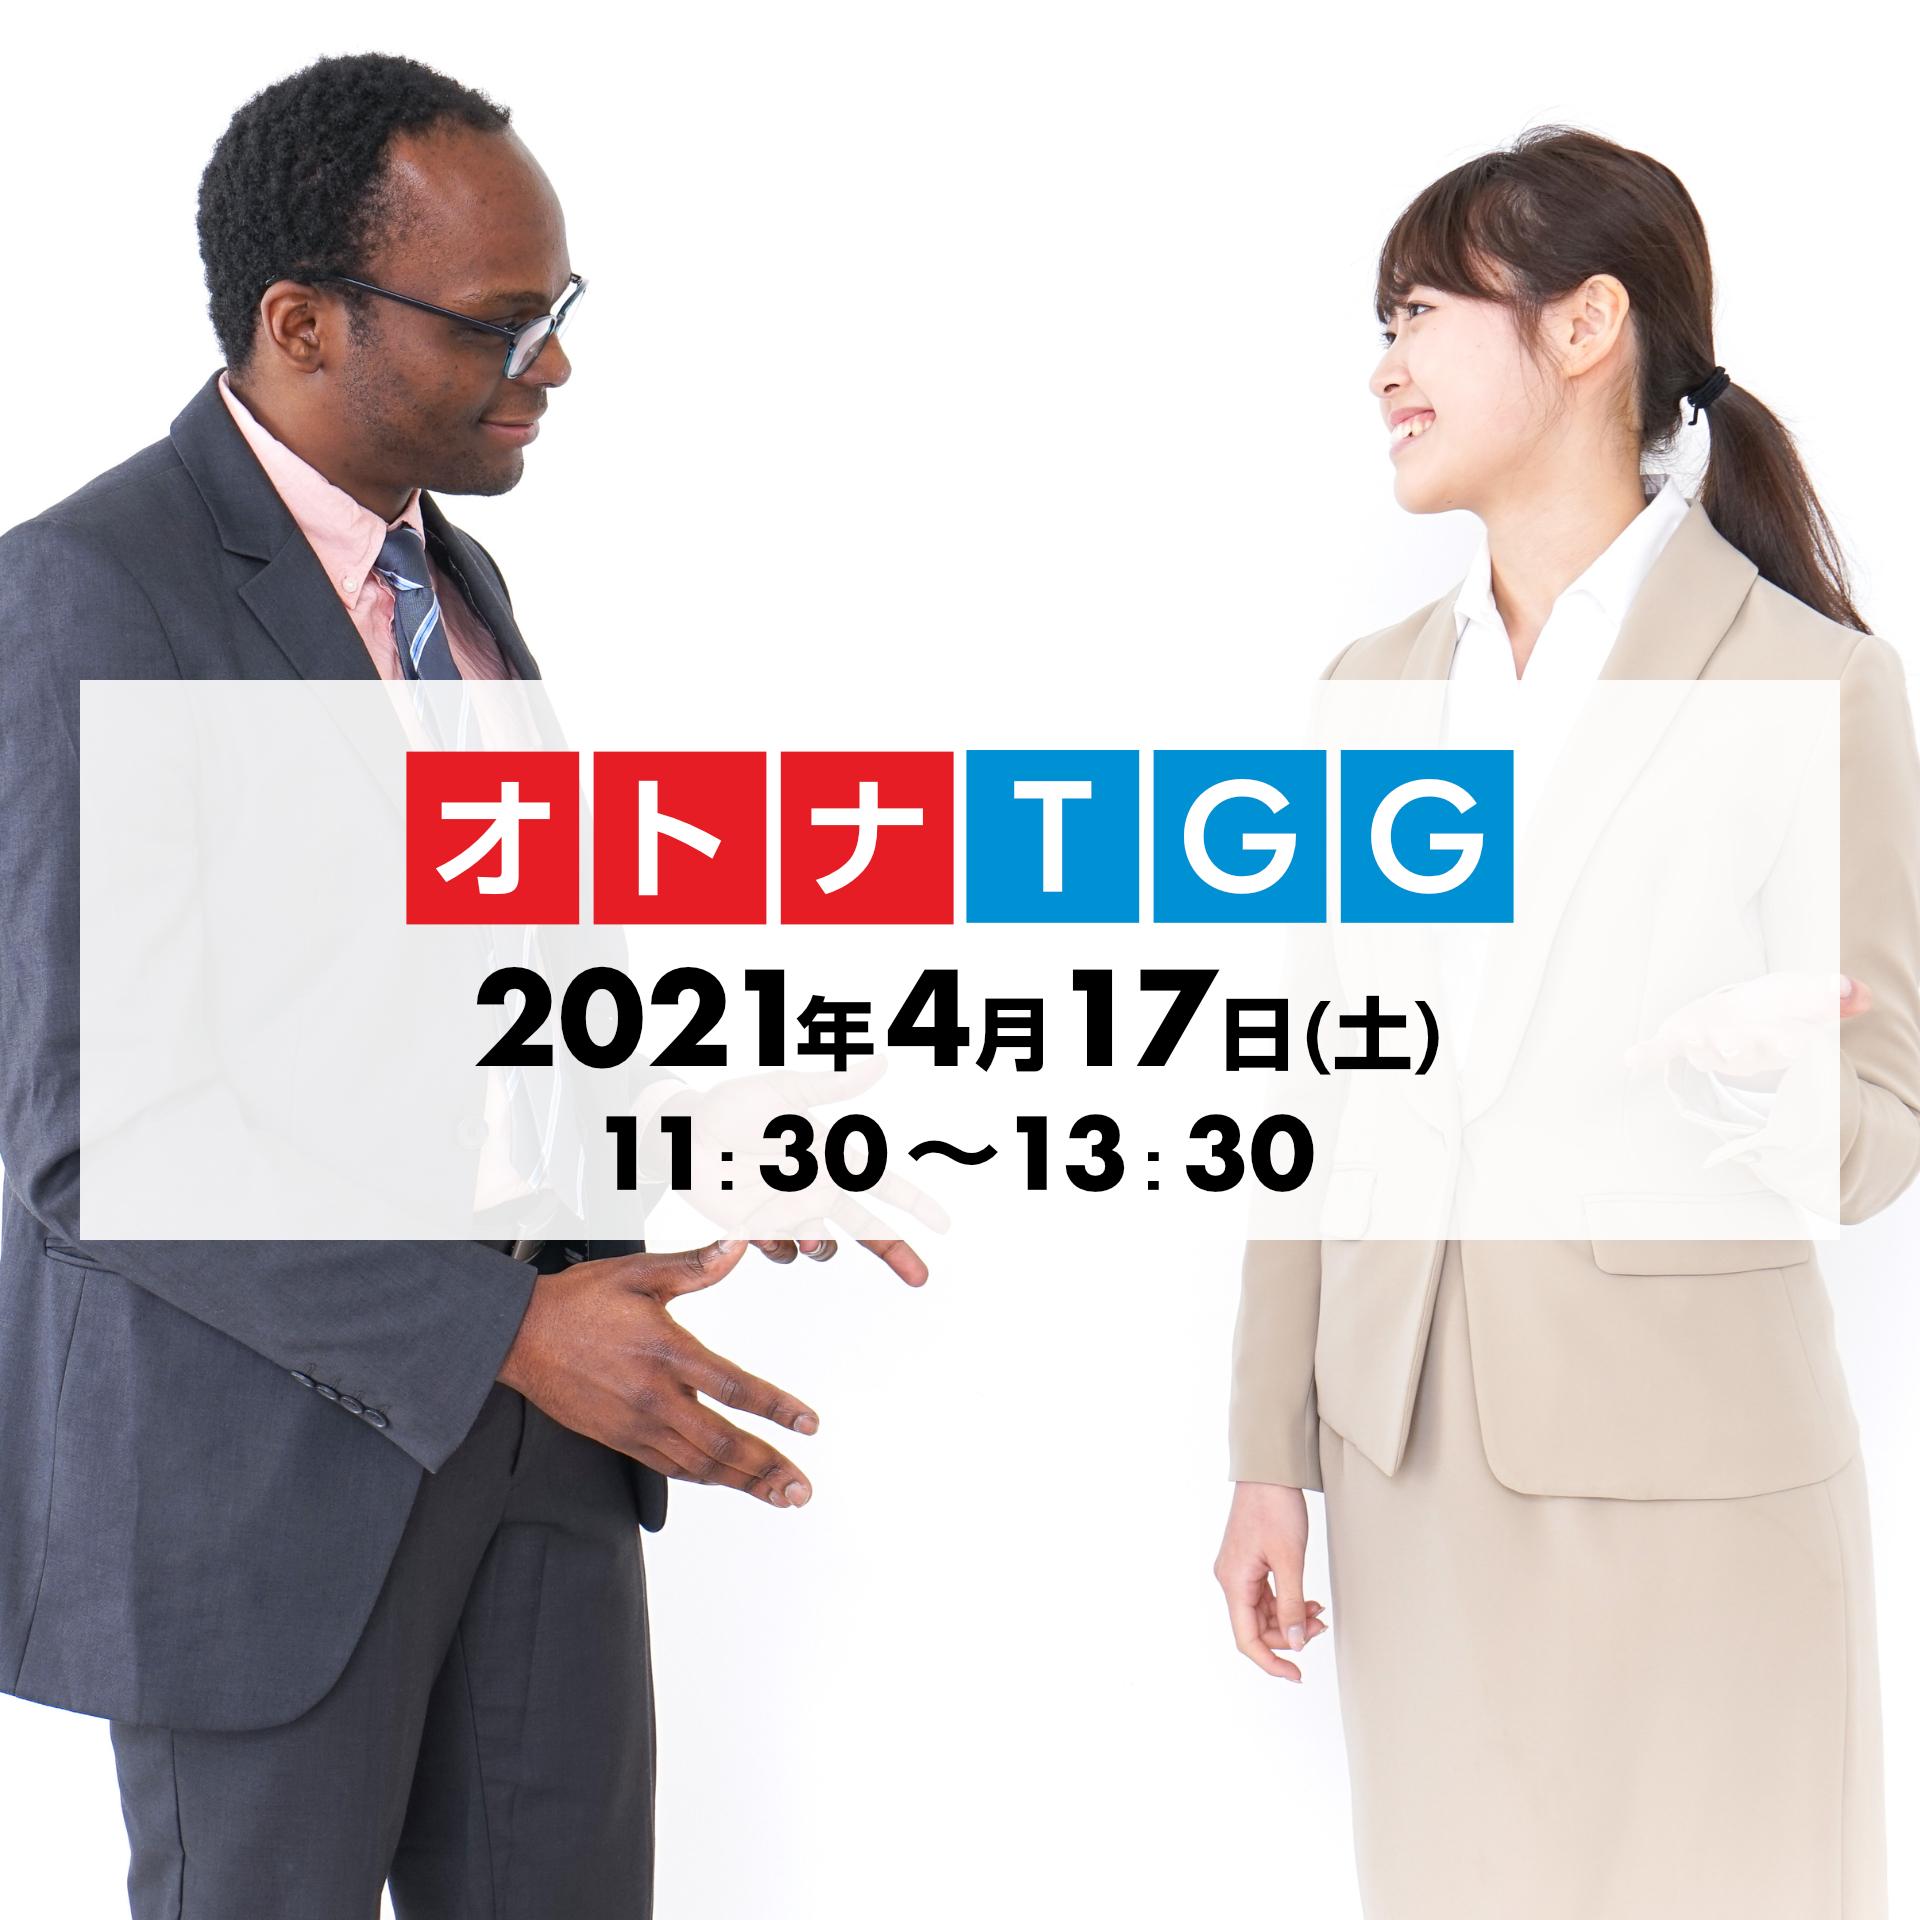 『オトナTGG』2021年4月17日(土) 11:30-13:30